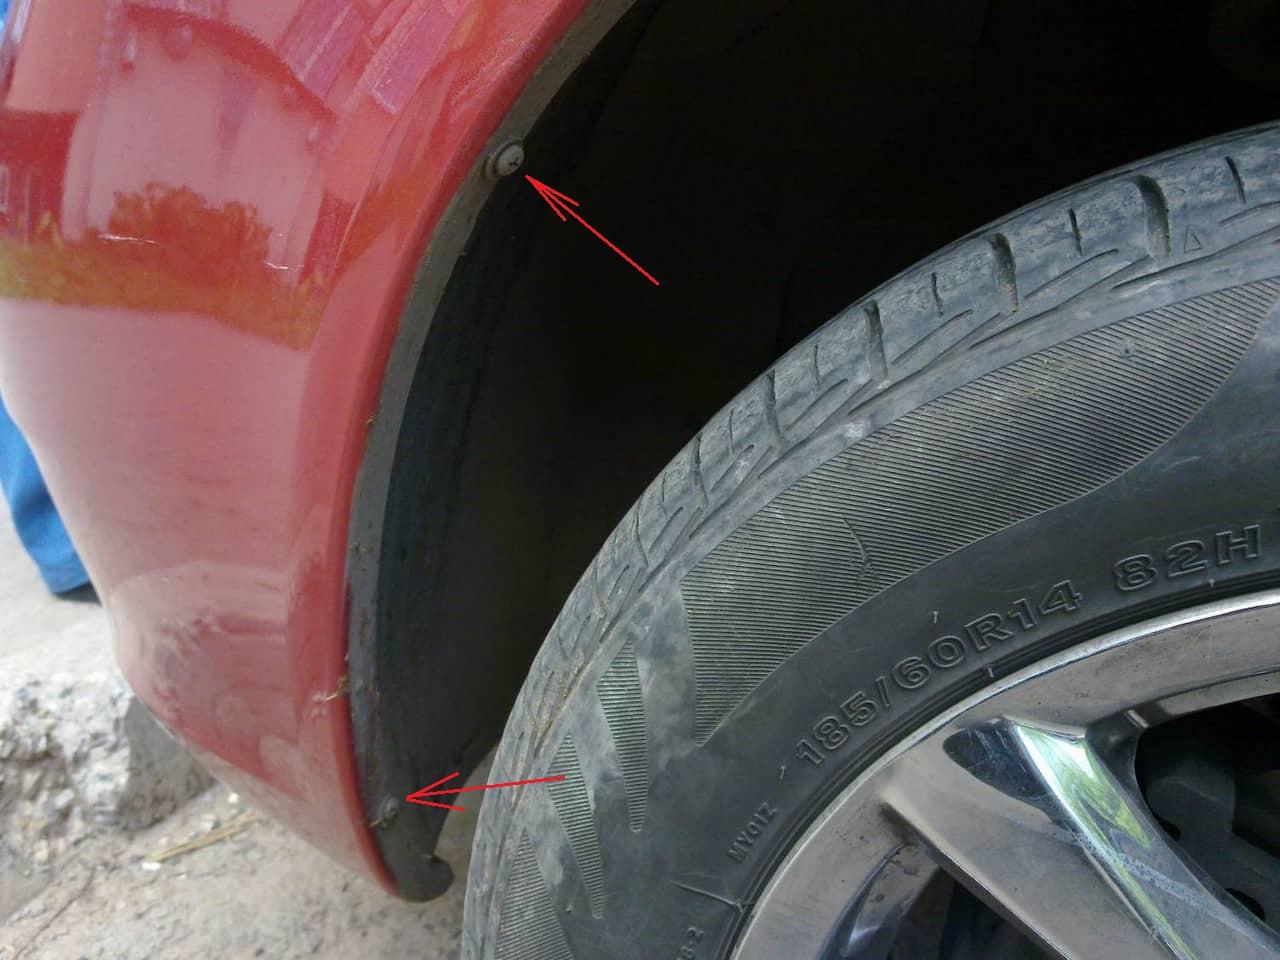 Саморезы крепления переднего подкрылка к боковой стенке бампера Лада Гранта (ВАЗ 2190)